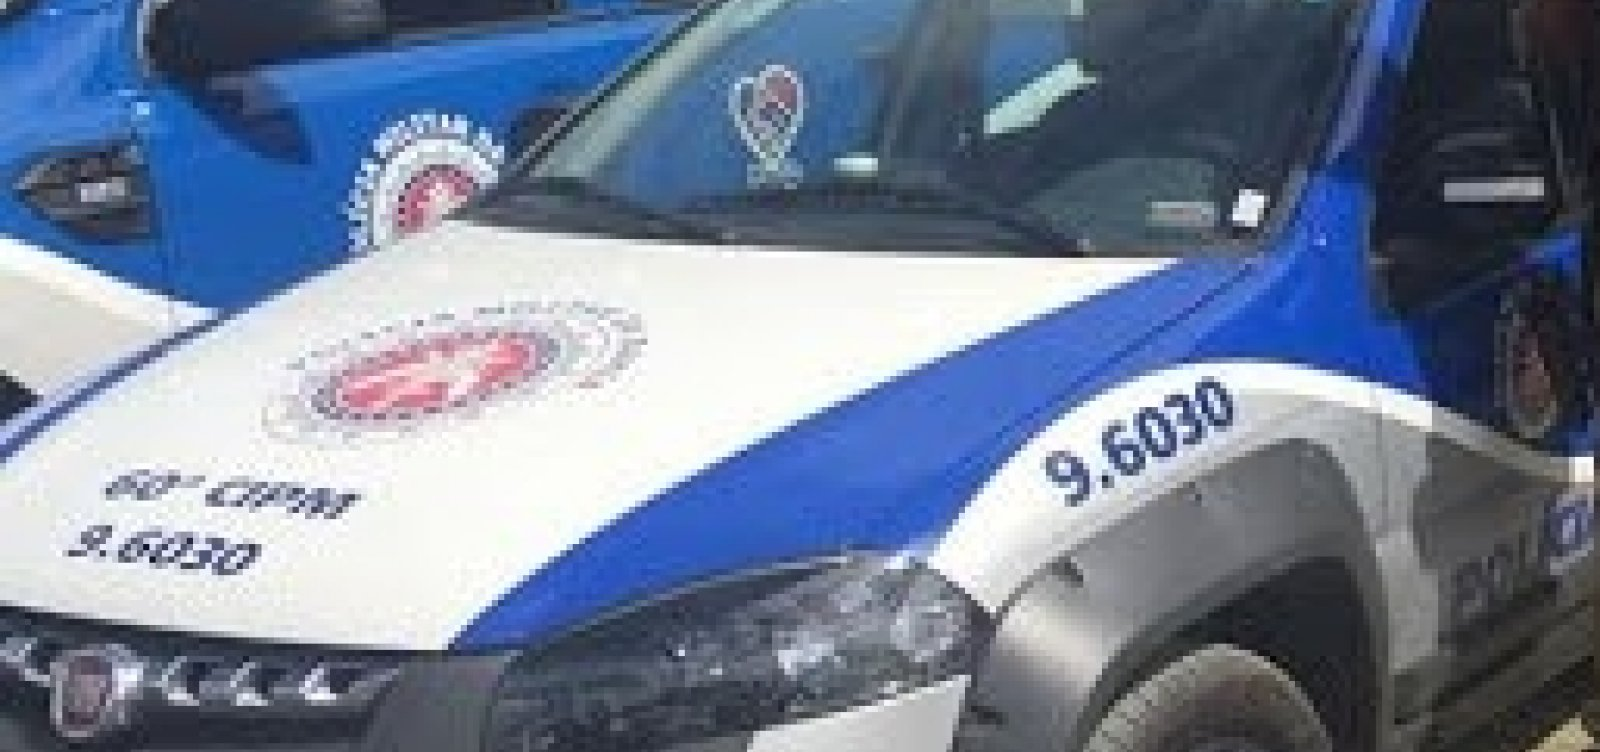 [Homem mata companheira com facada e é preso em flagrante no município de Gandu]